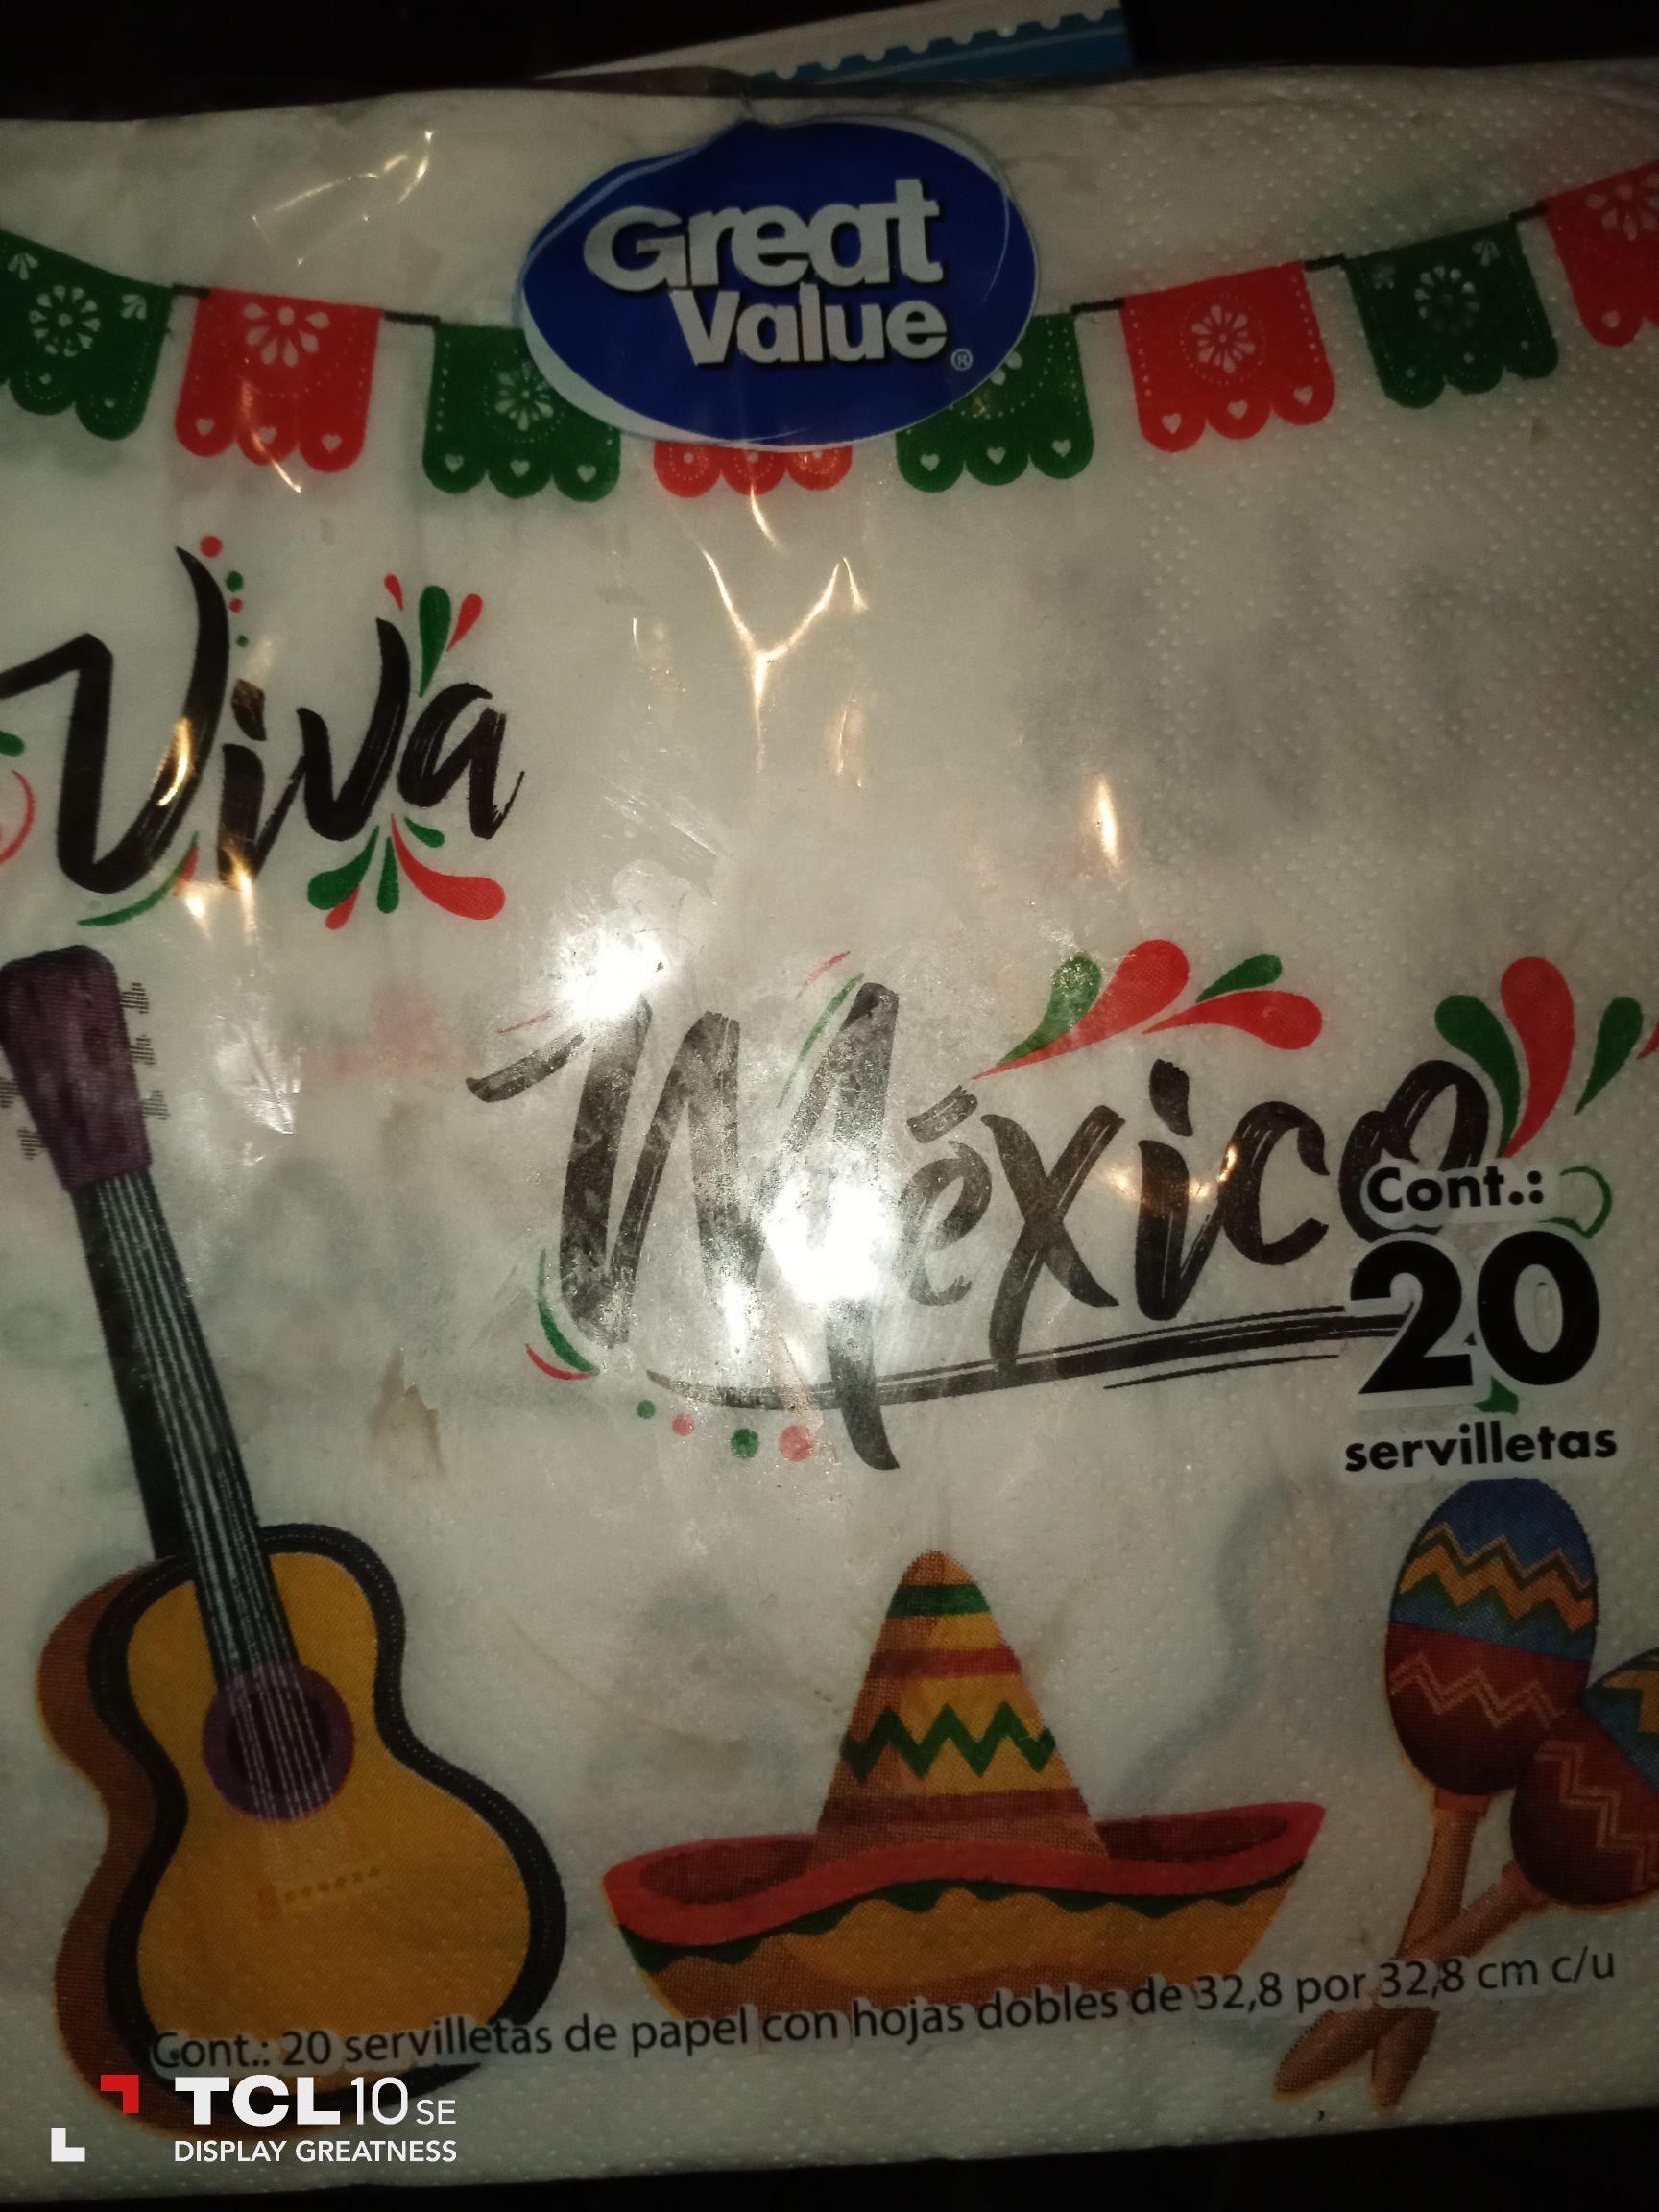 Walmart: Servilletas revolución $1.01 luces navideñas $36.01